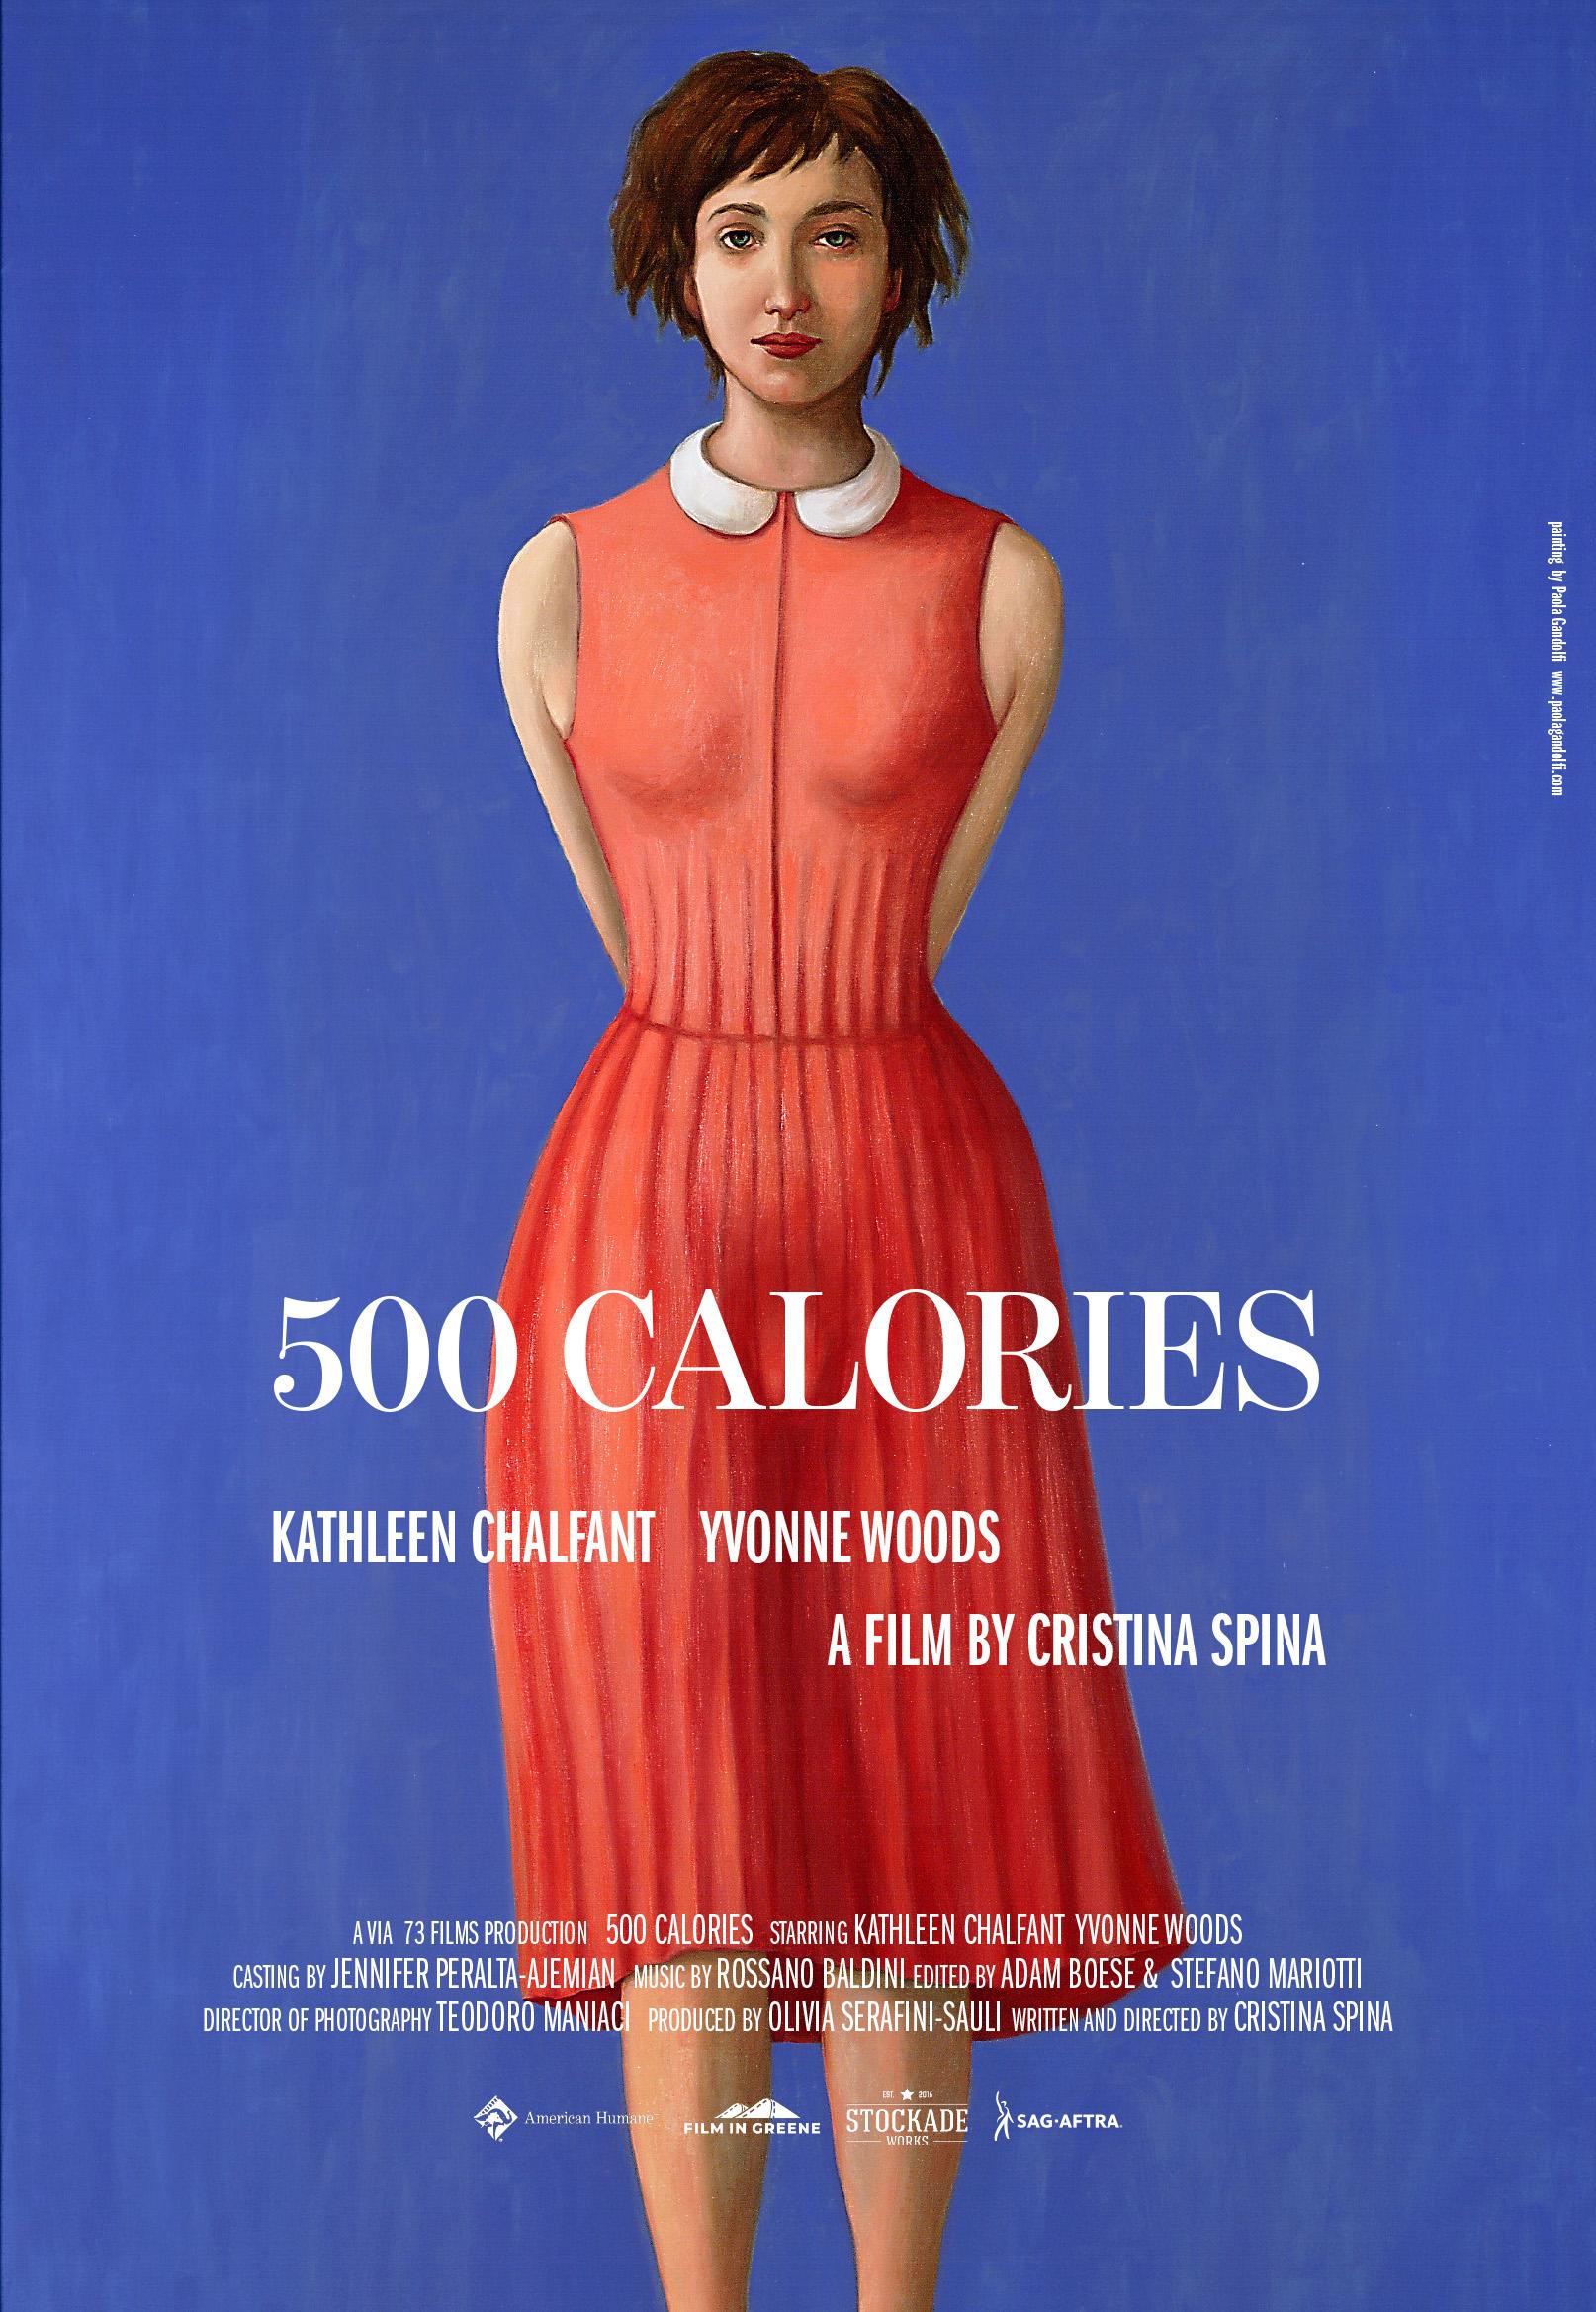 500 Calories Poster